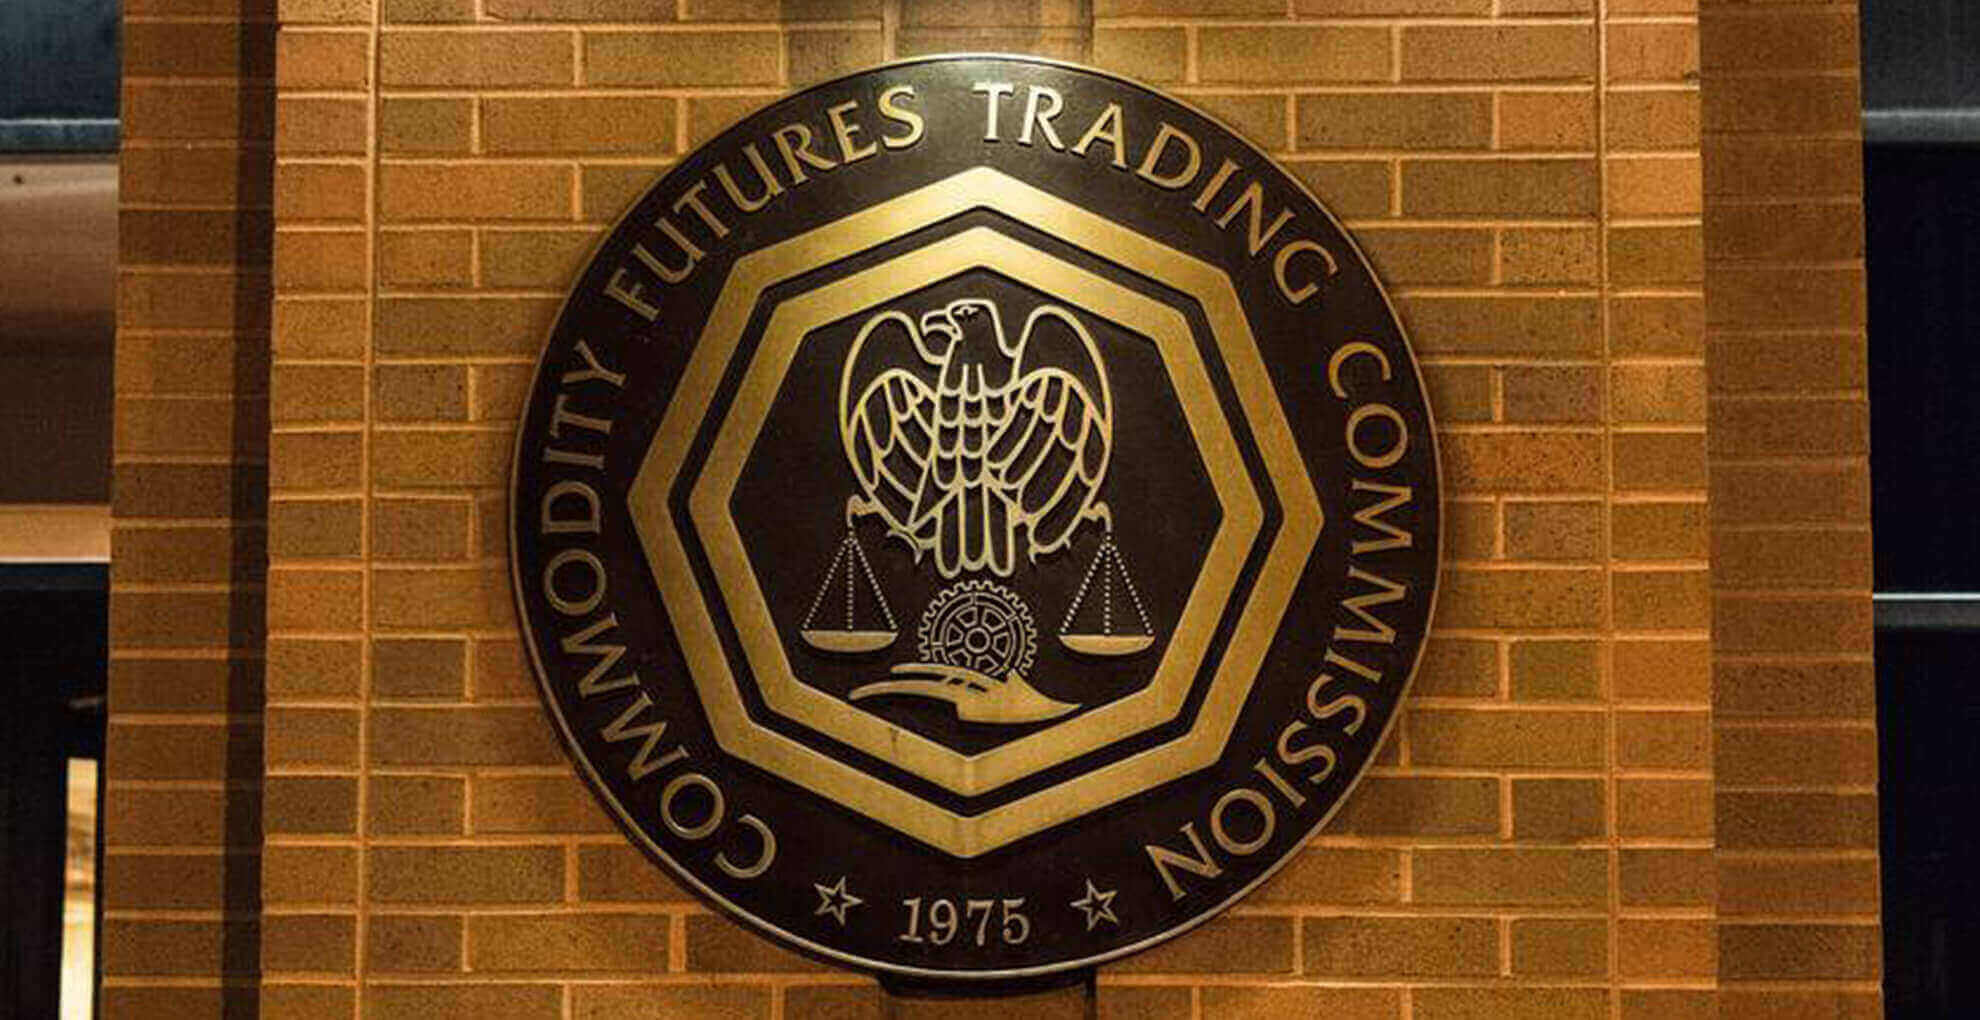 Director de CFTC, asegura que la agencia continuará presentando regulaciones favorables para la industria criptográfica